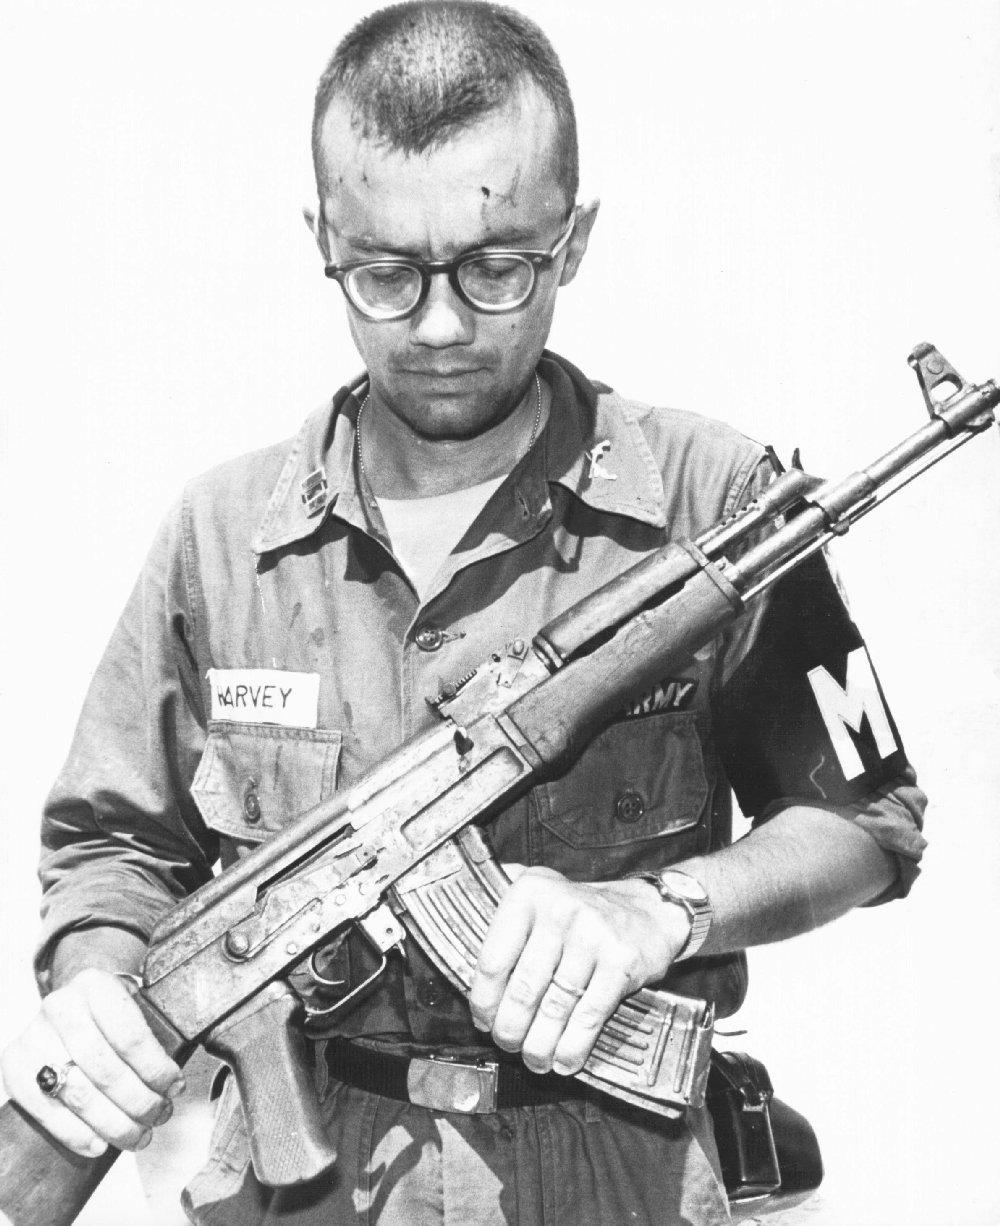 Used U.S. Soldier Vietnam War AK-47 Rifle